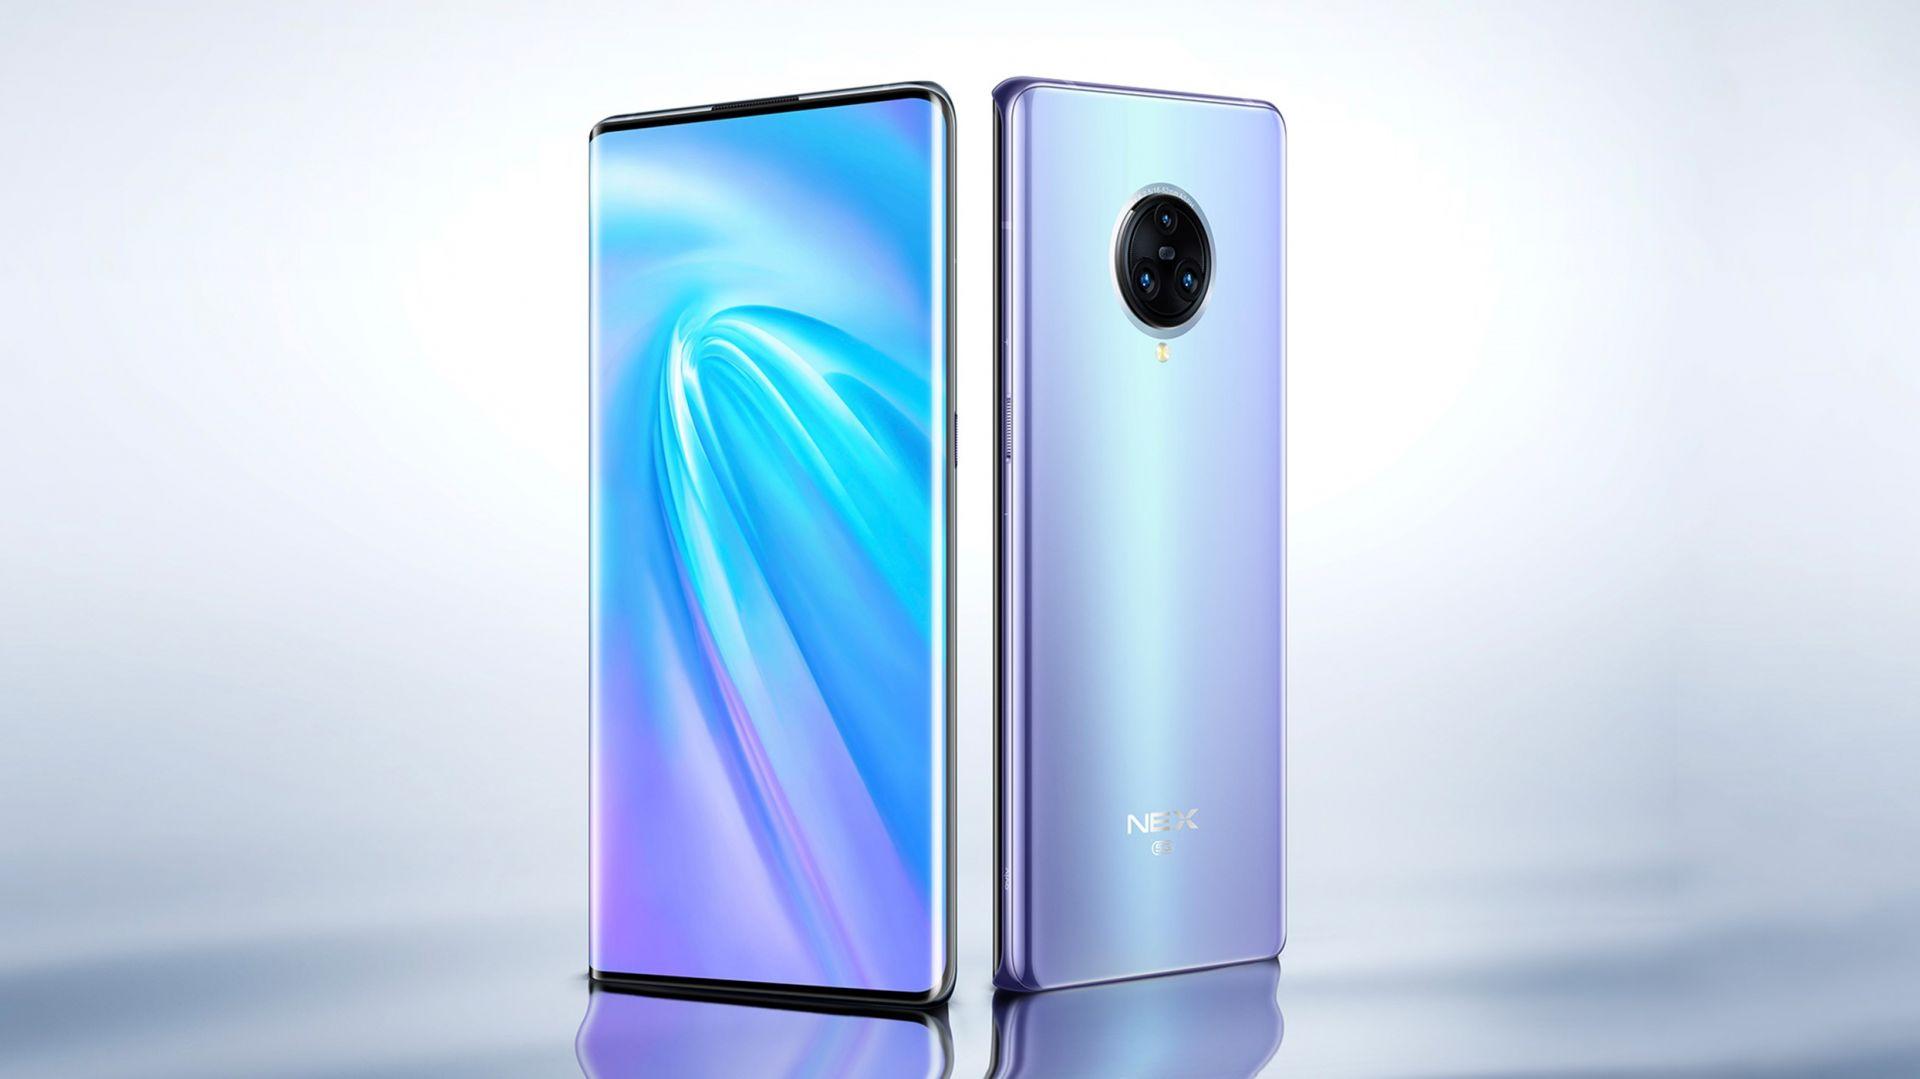 5G再等等 2020年智慧手機還有啥亮點? 這四大趨勢將領風騷